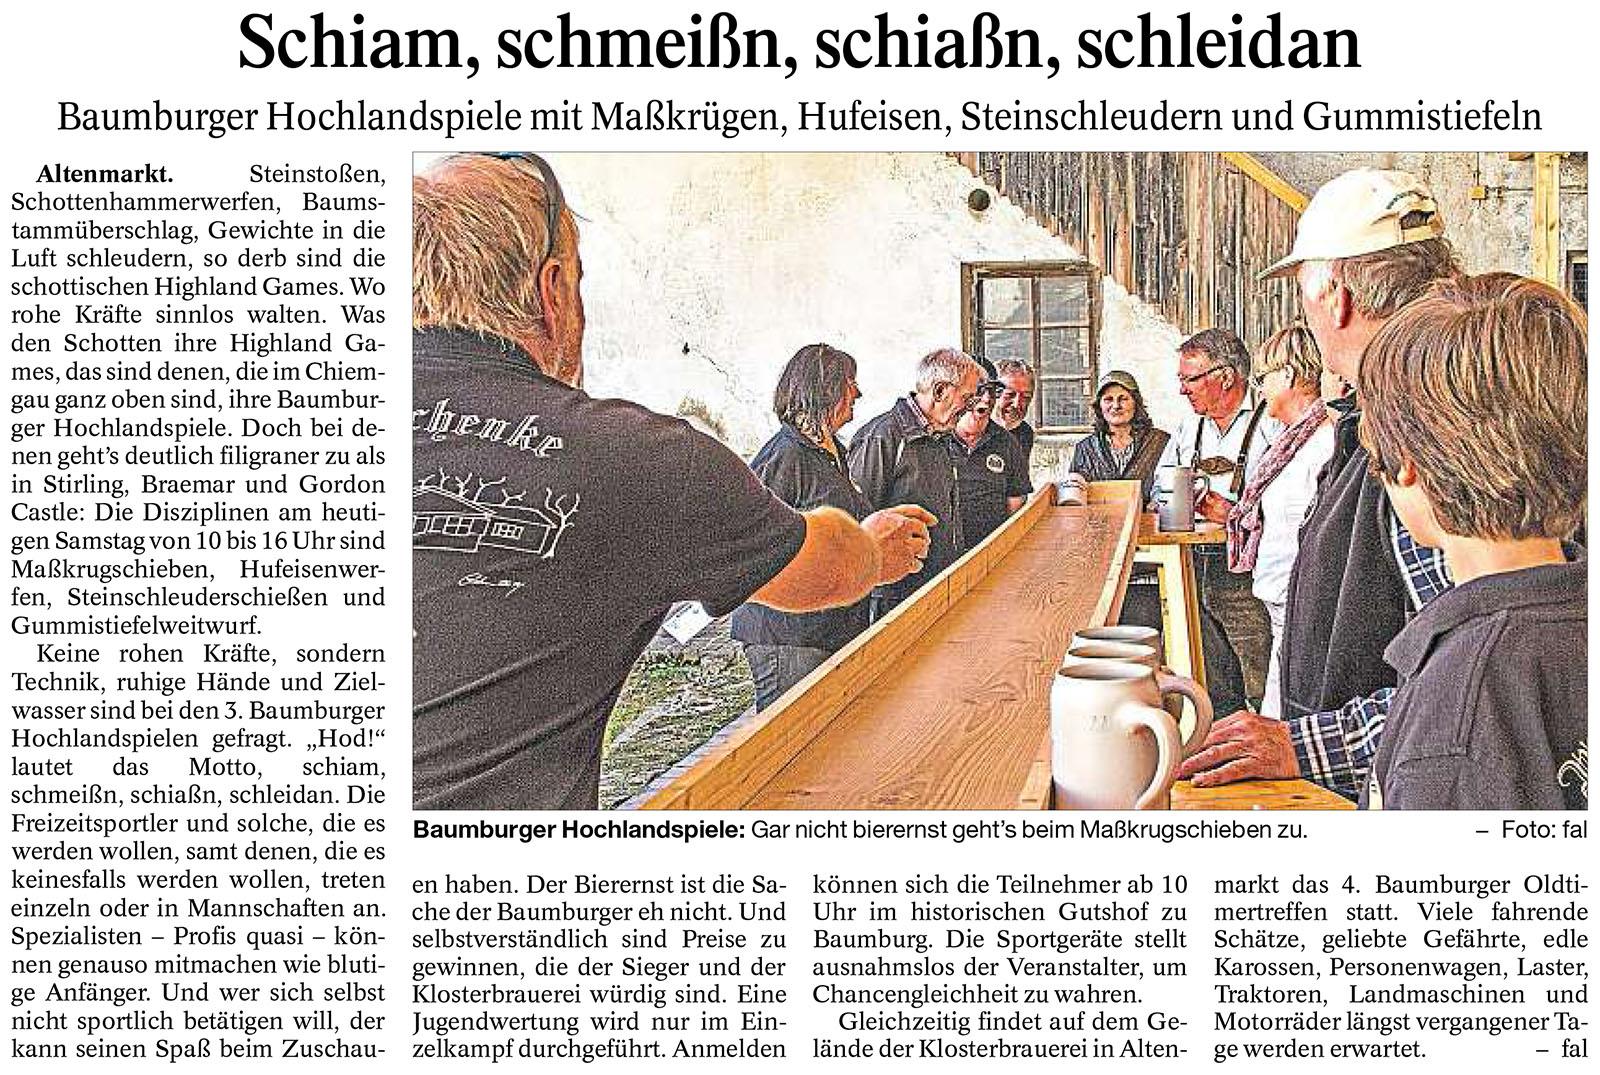 Ankündigung der Baumburger Hochlandspiele im Trostberger Tagblatt